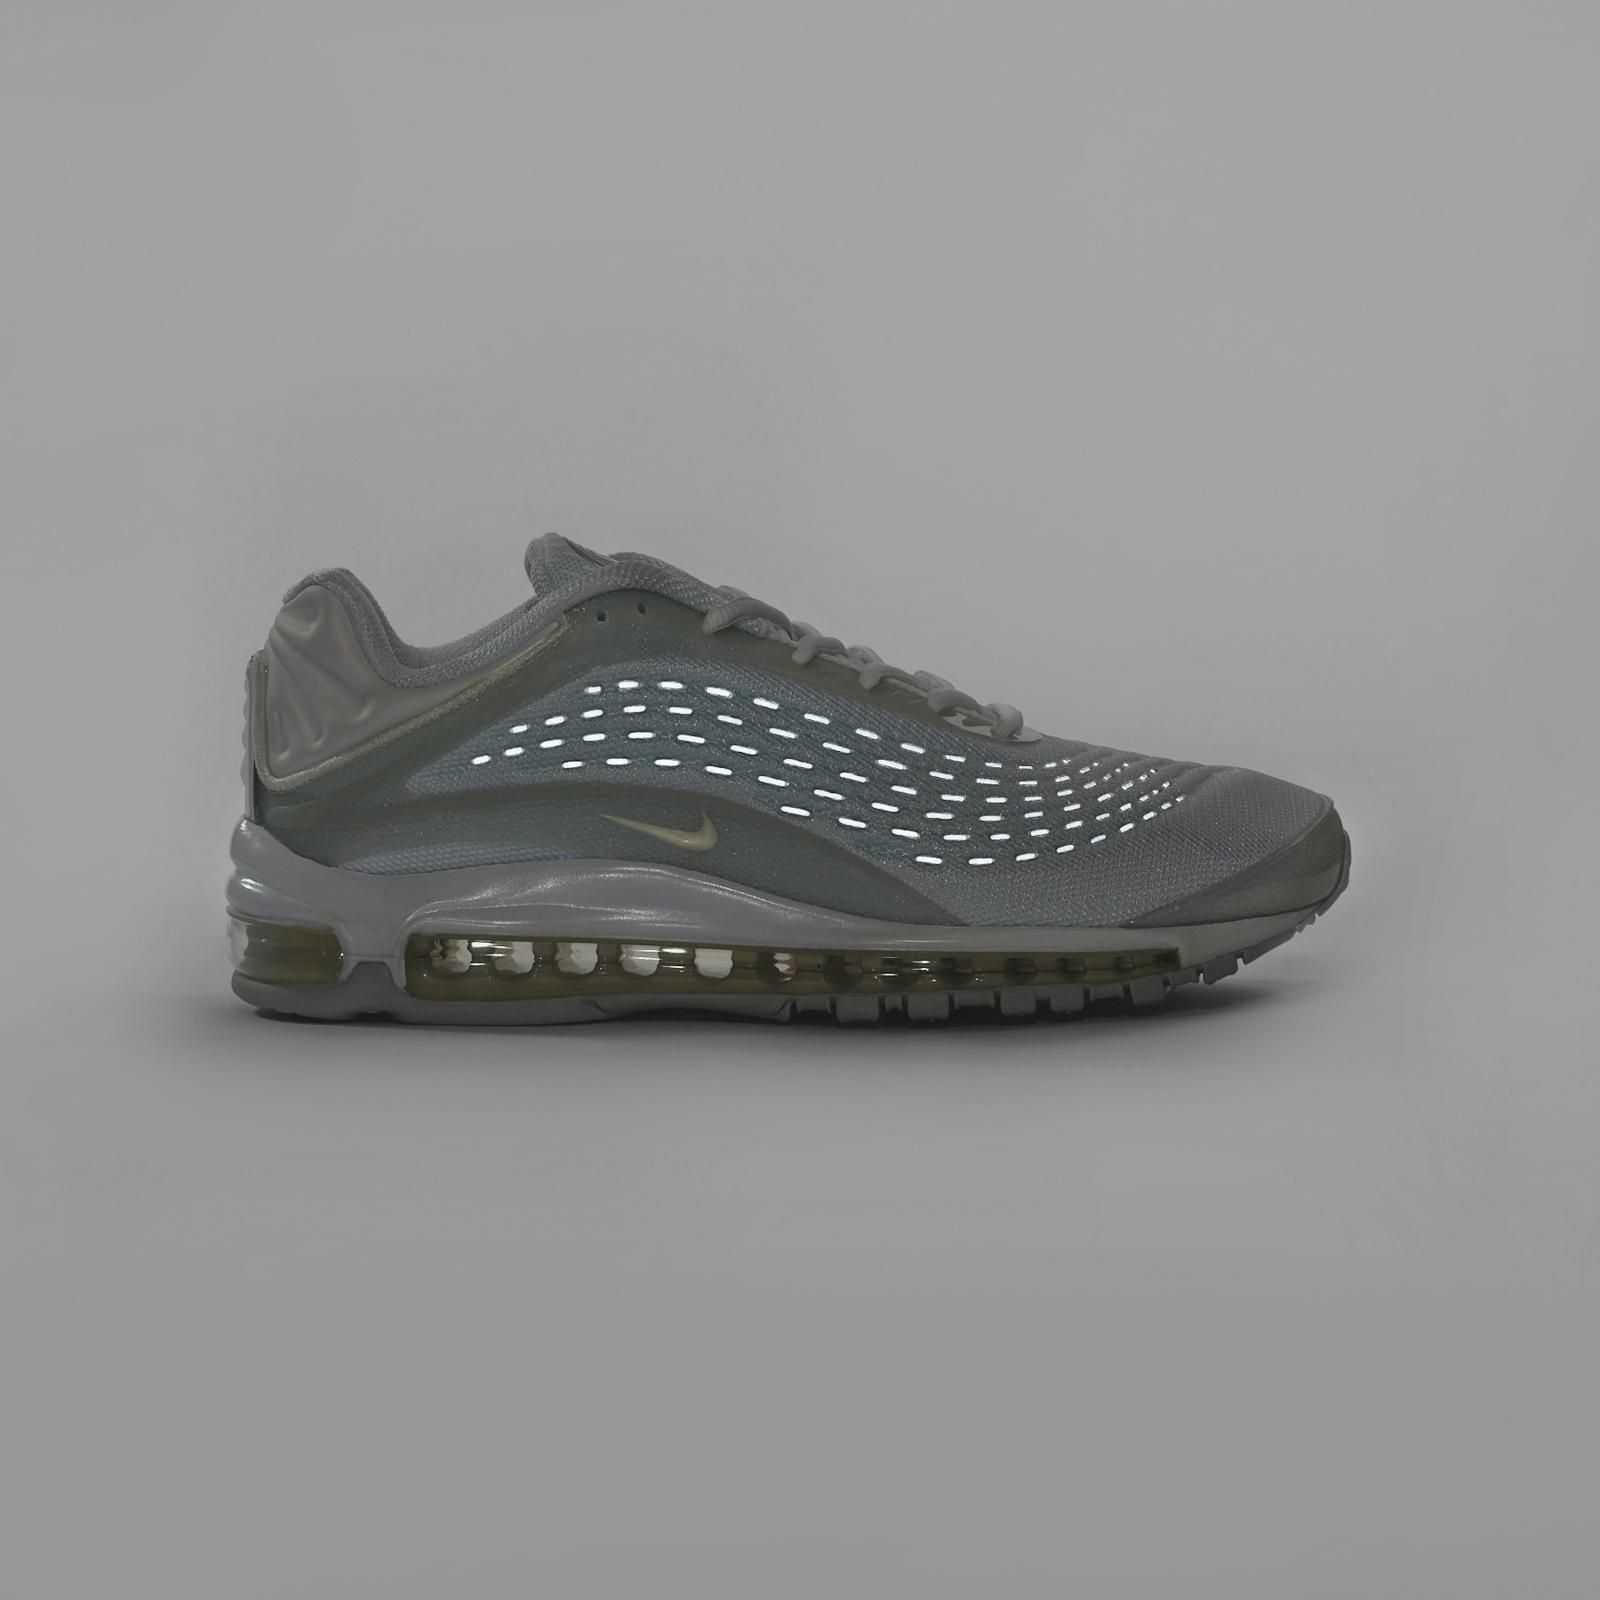 Nike Air Max Deluxe Av2589 100 Sneakersnstuff I Sneakers